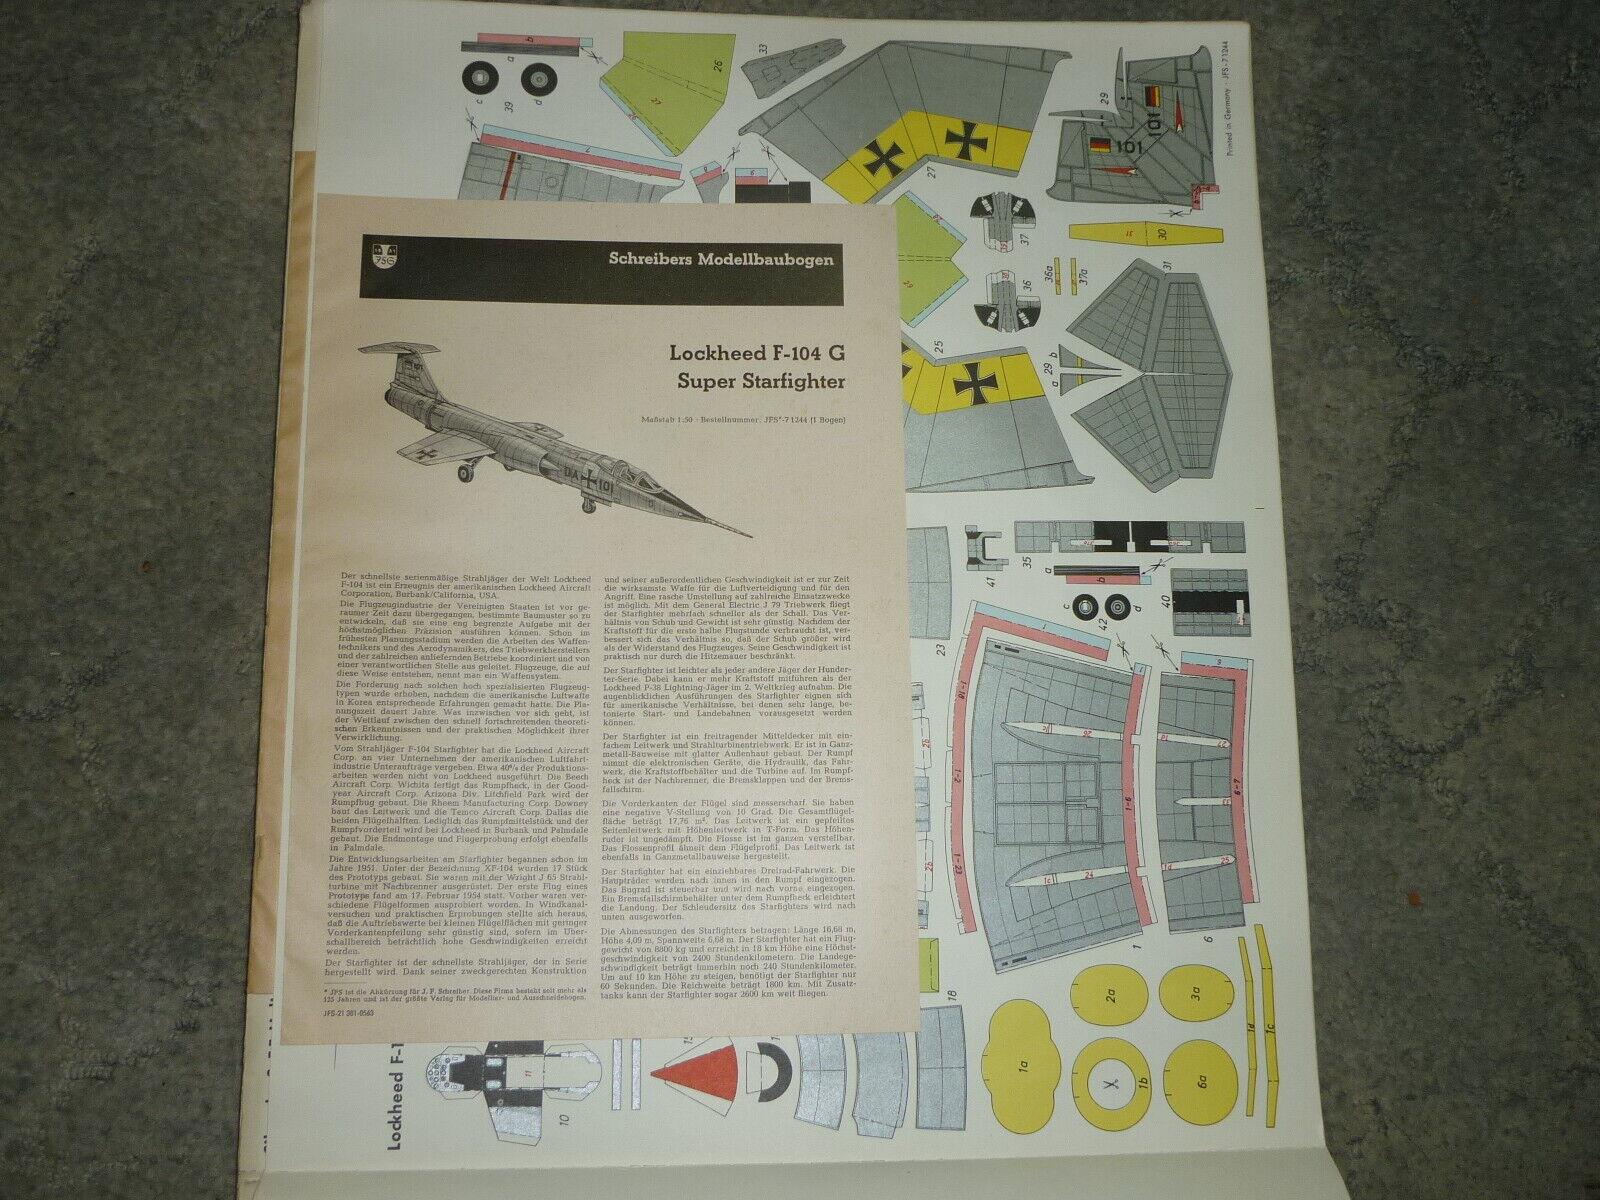 Schreibers MeisterModellll  Lockhead F-104 G Super Sternfigther neu 50- 60er jahre